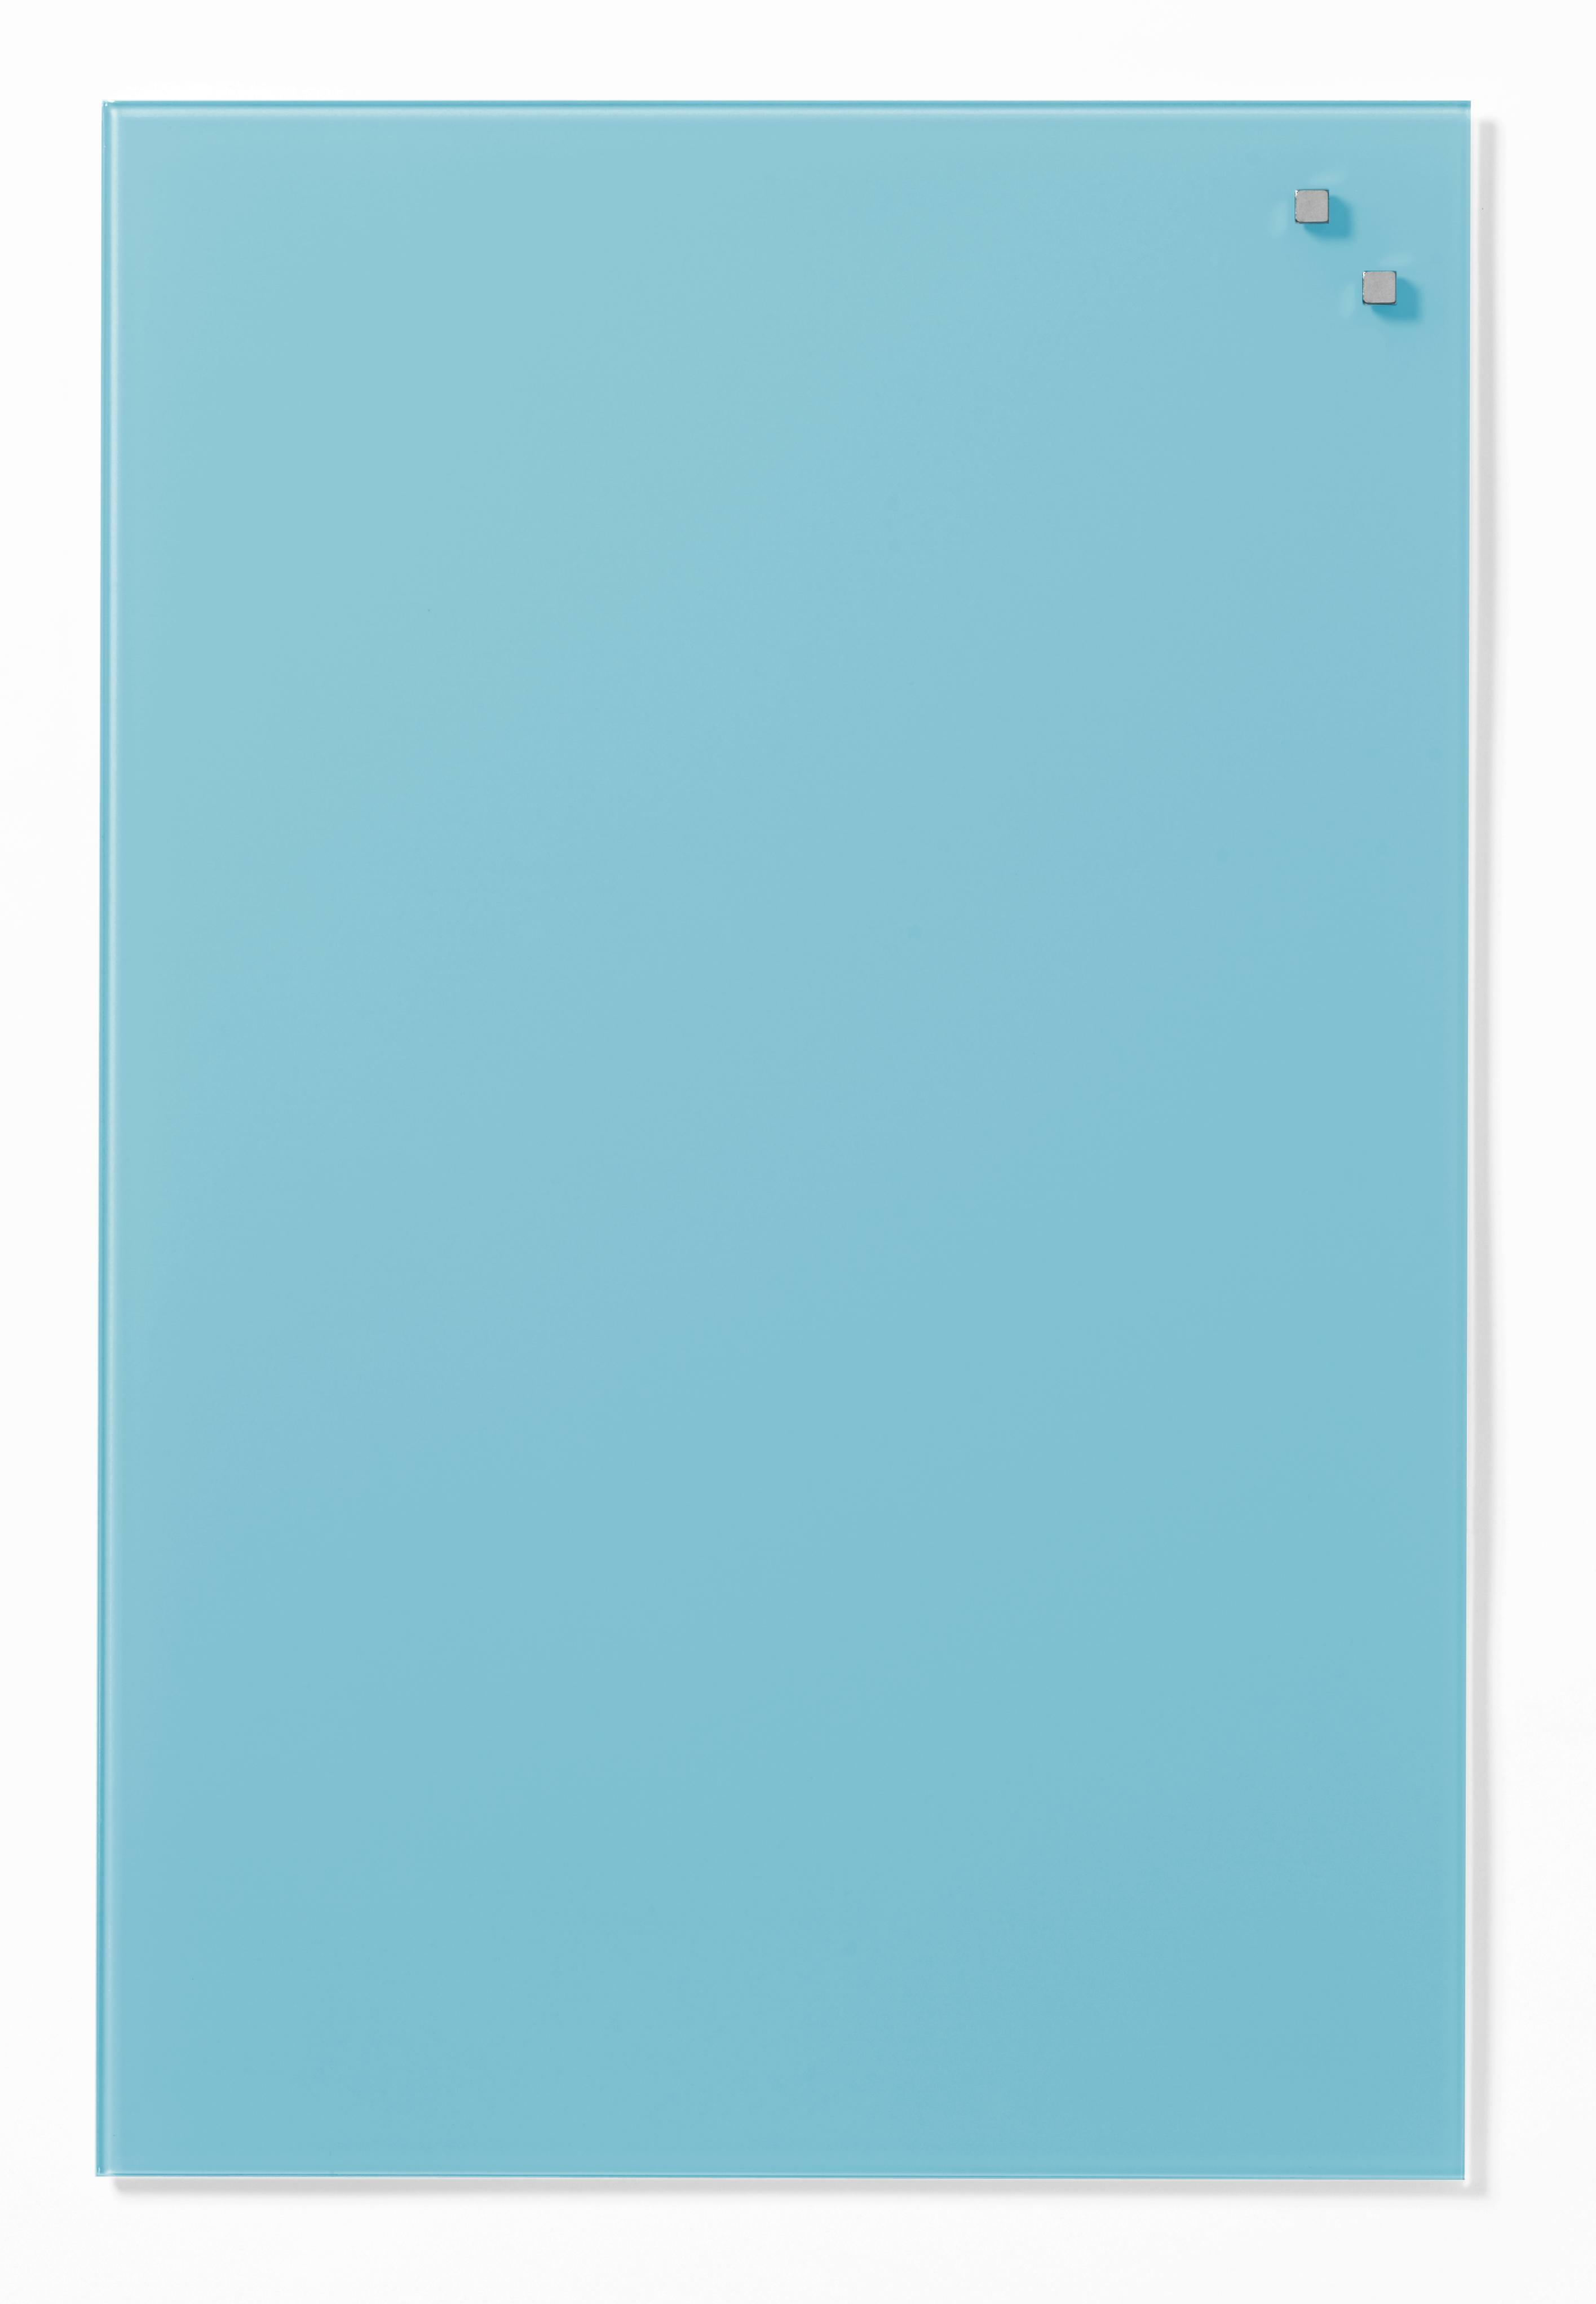 Tabule magnetické skleněné - 40 x 60 cm / tyrkysová